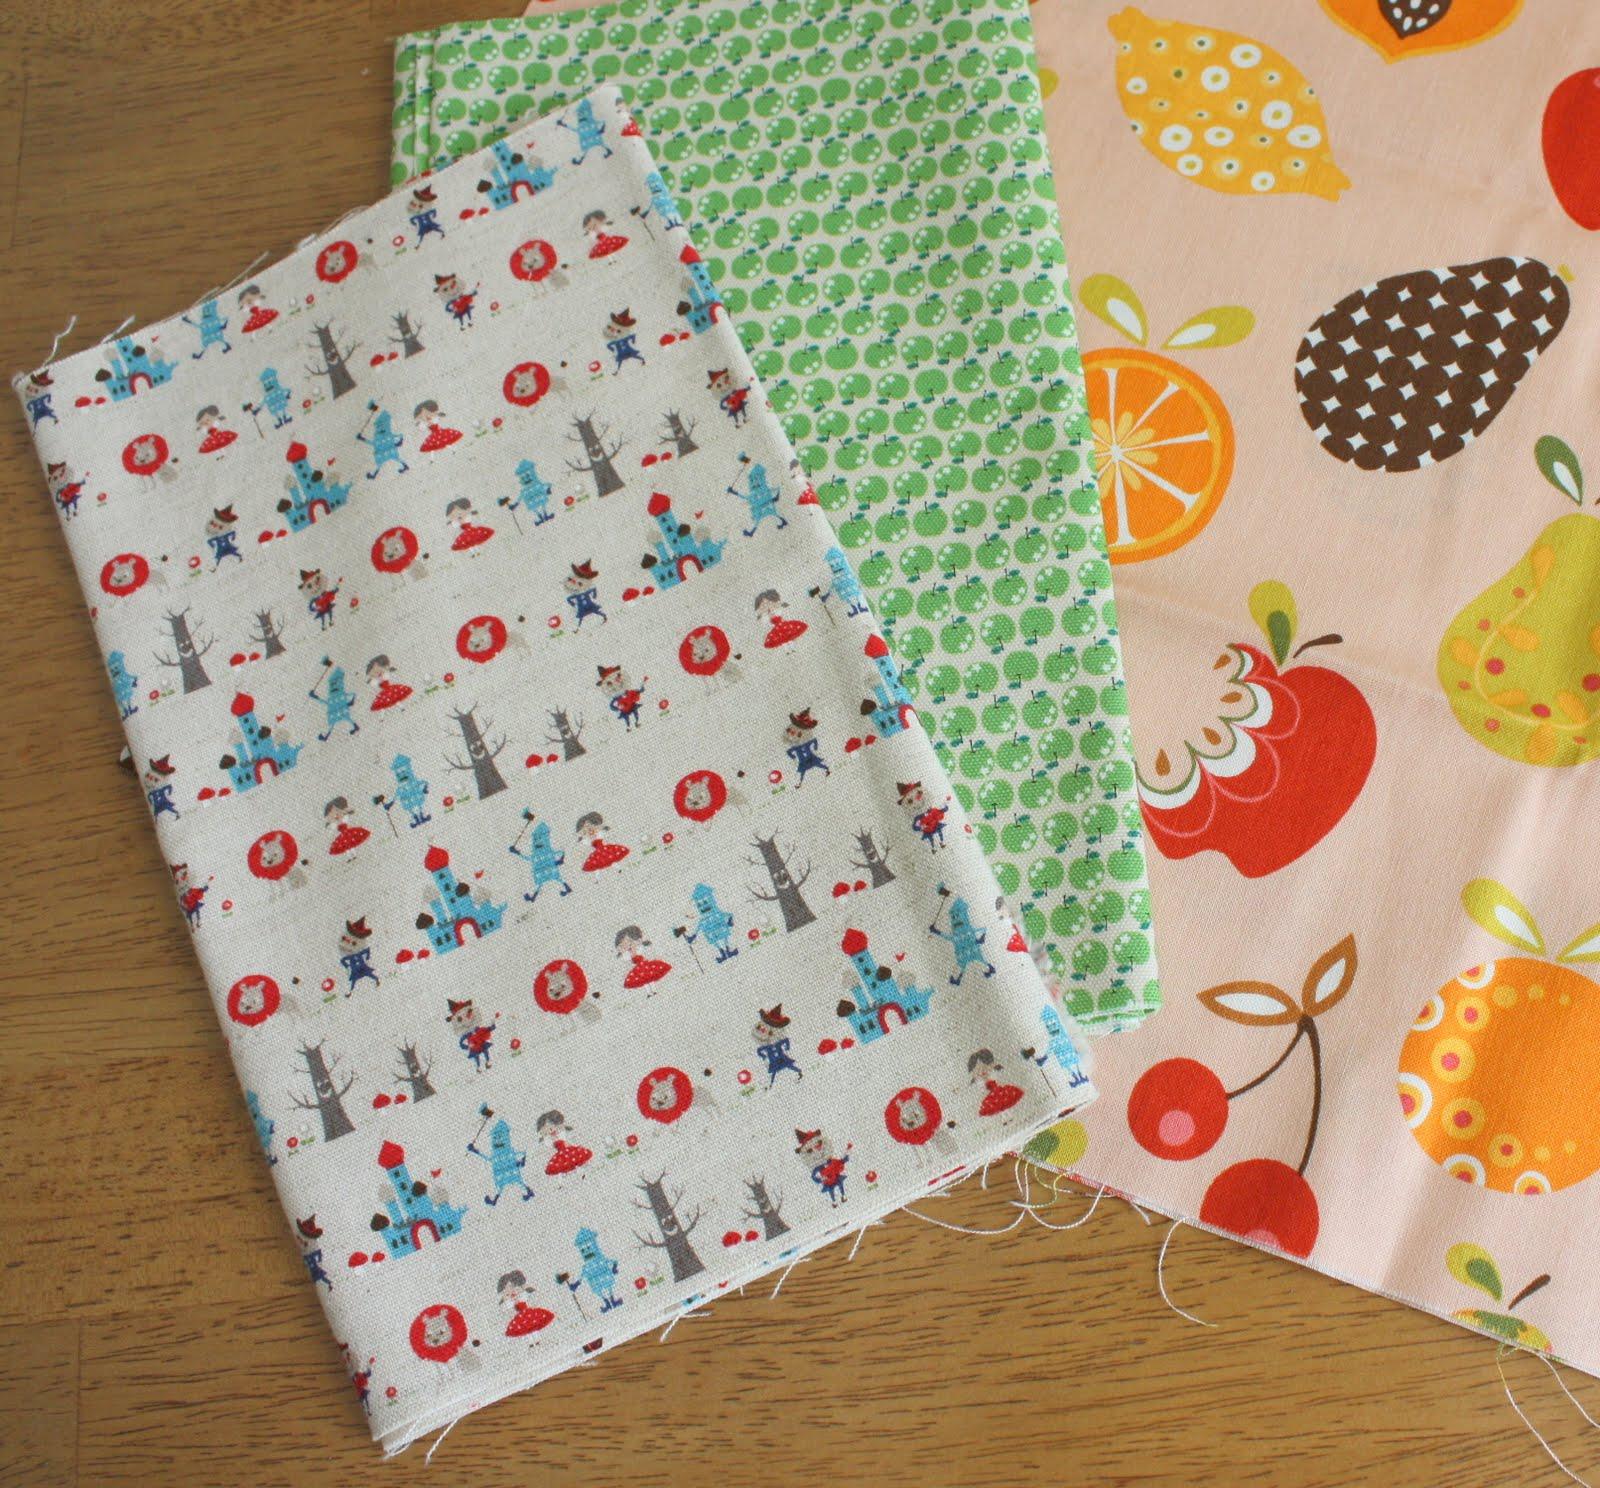 http://4.bp.blogspot.com/_a3FBeRh8M2U/TDQE0SZQMBI/AAAAAAAAEGc/5JXPFyVgV0s/s1600/Japanese+fabrics.JPG